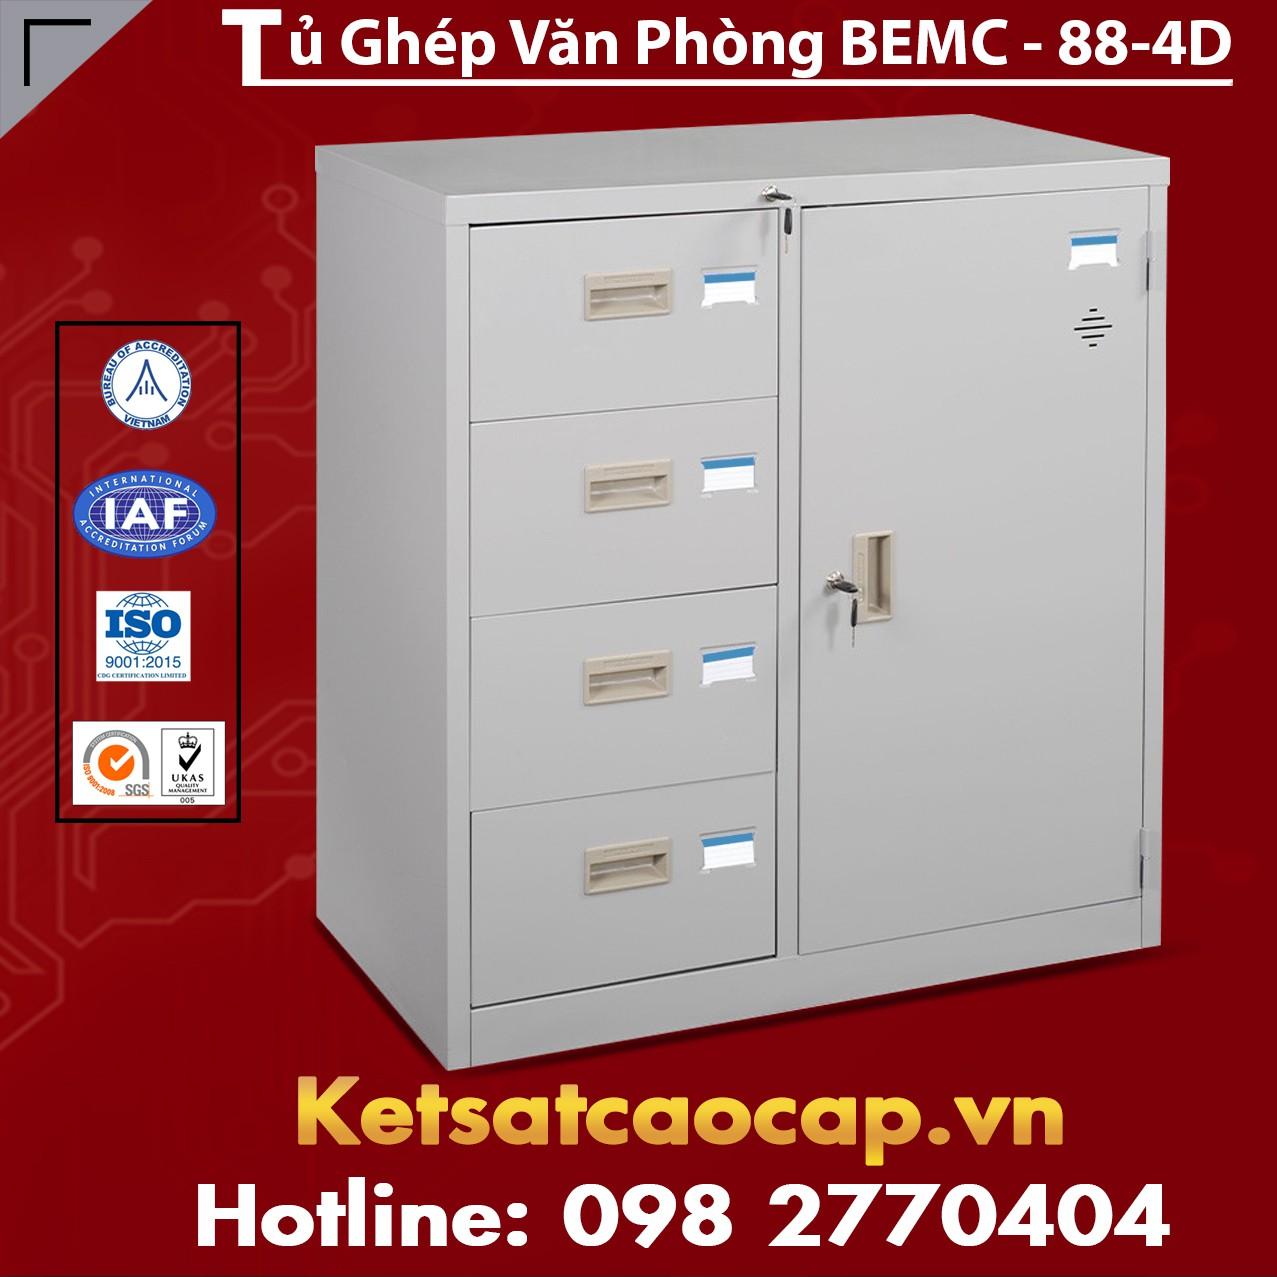 Tủ Ghép Văn Phòng BEMC-88-4D